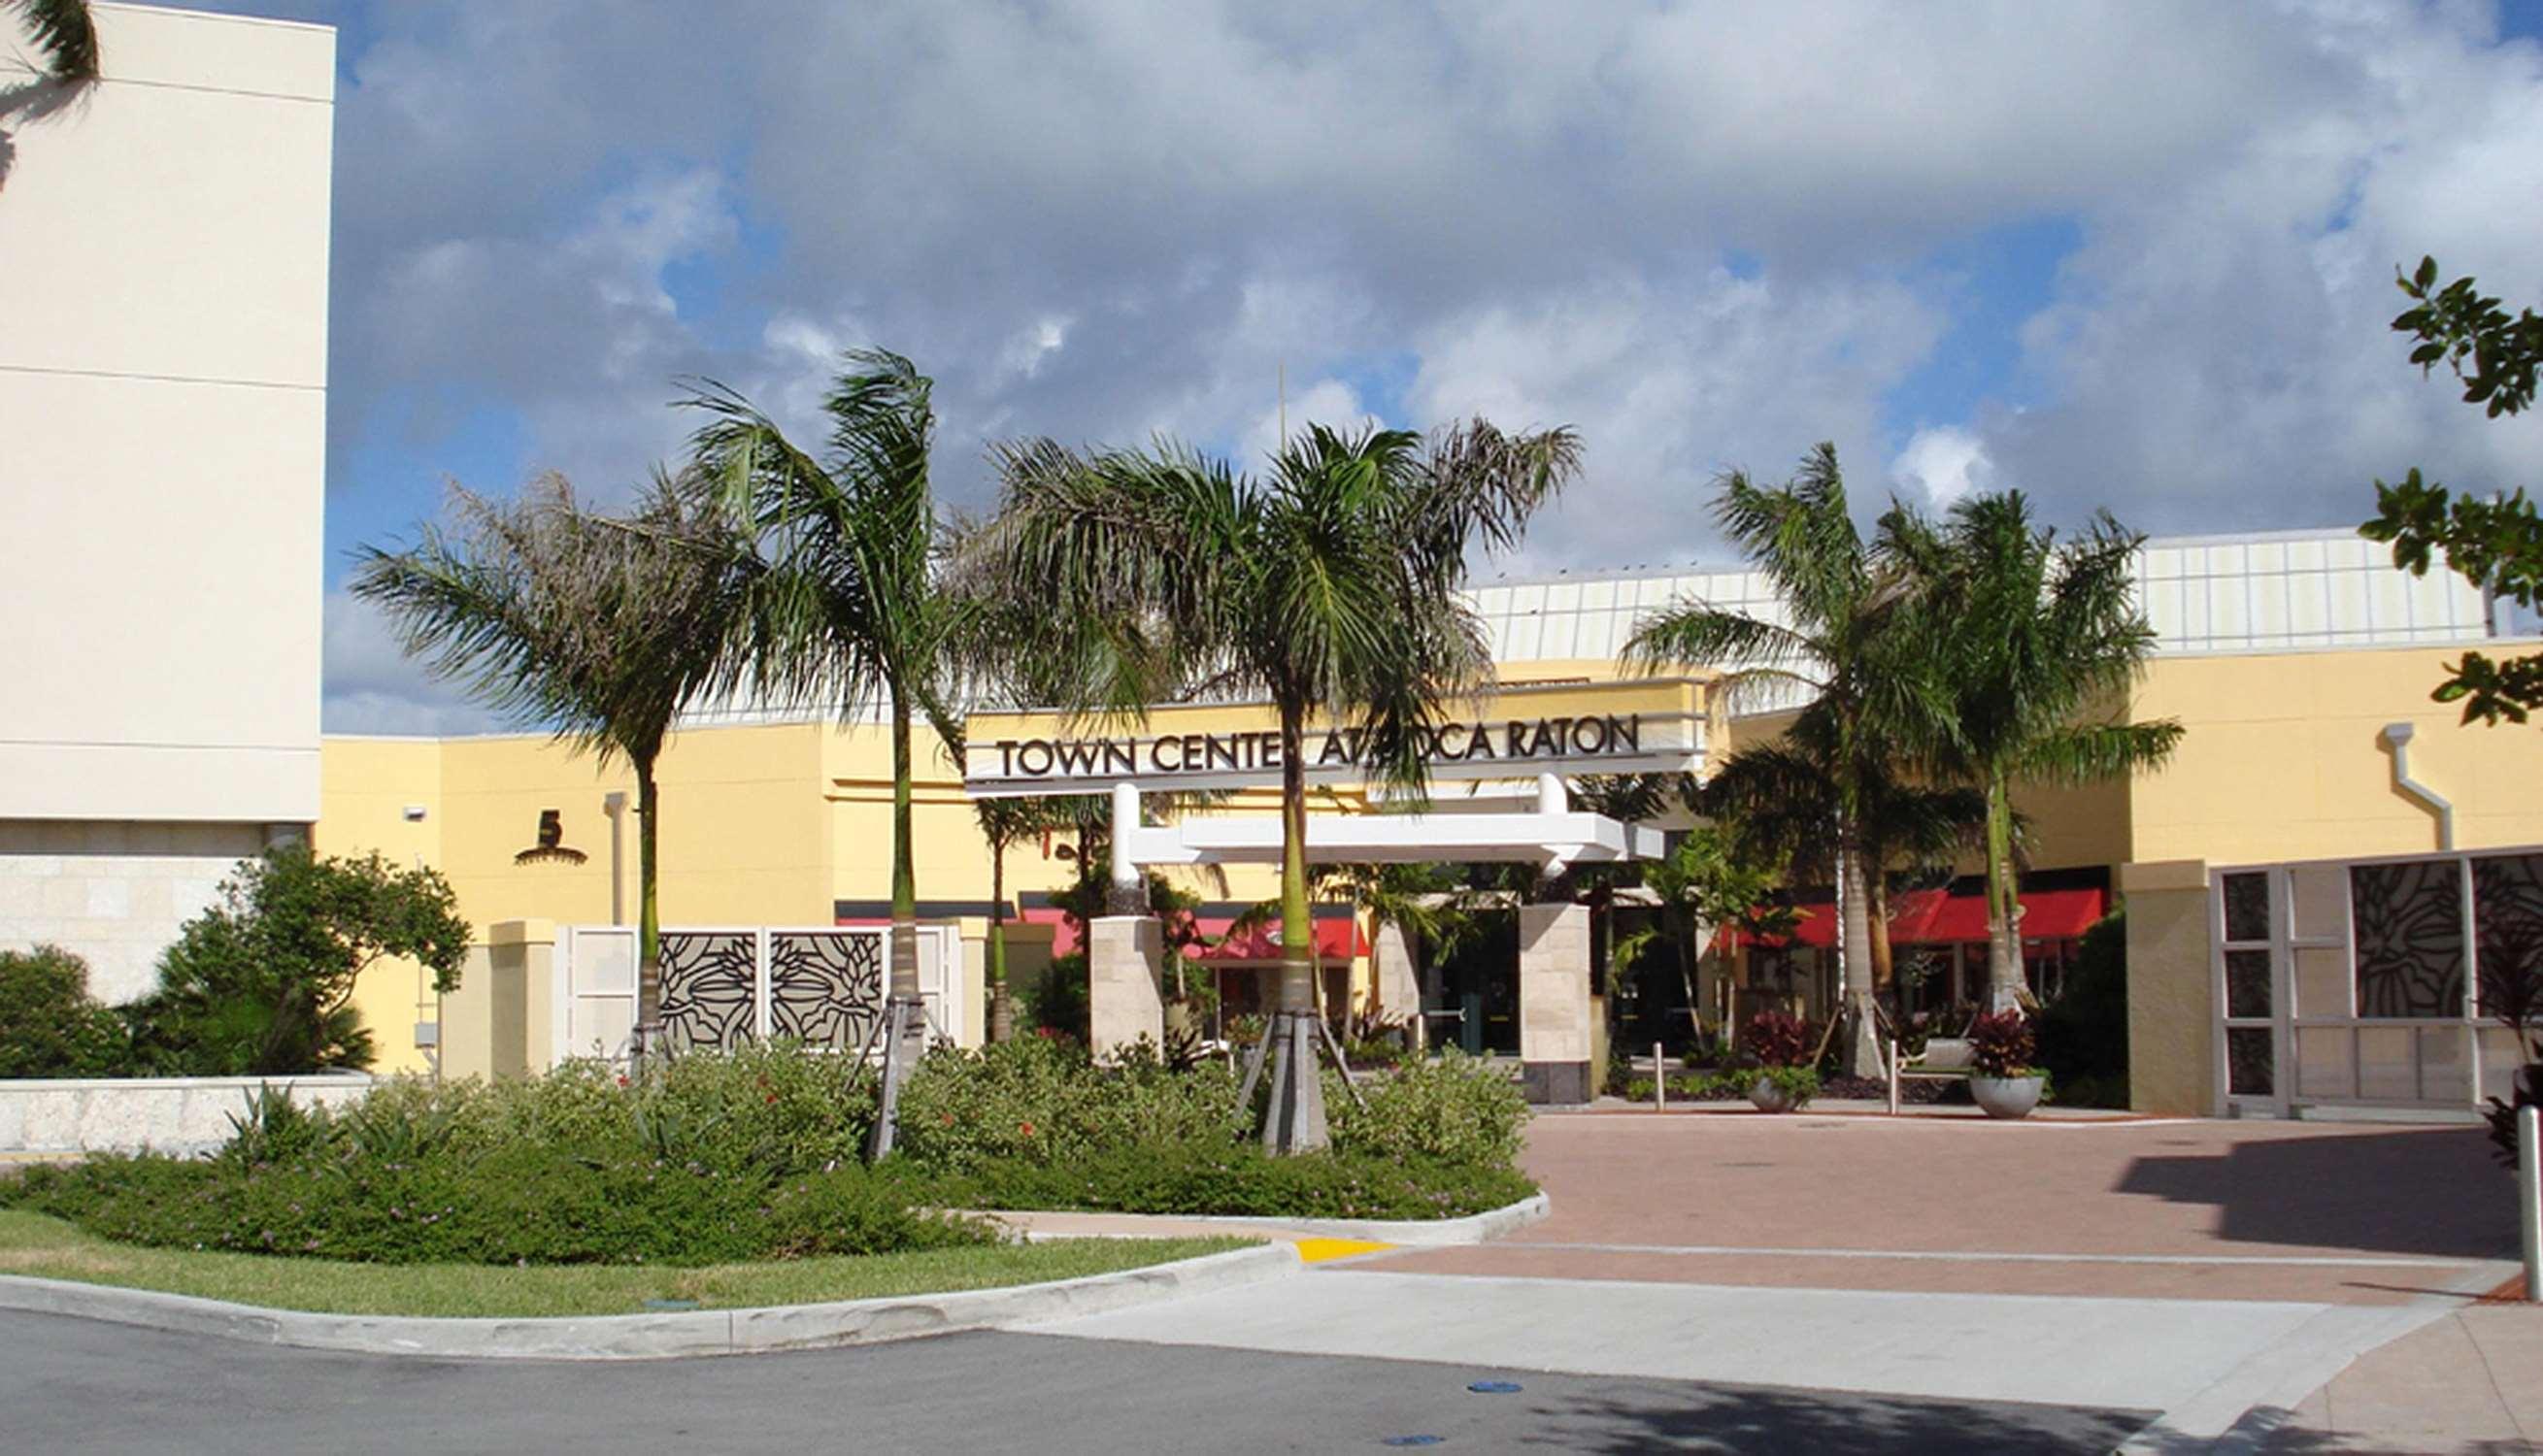 Hilton Garden Inn Boca Raton image 5